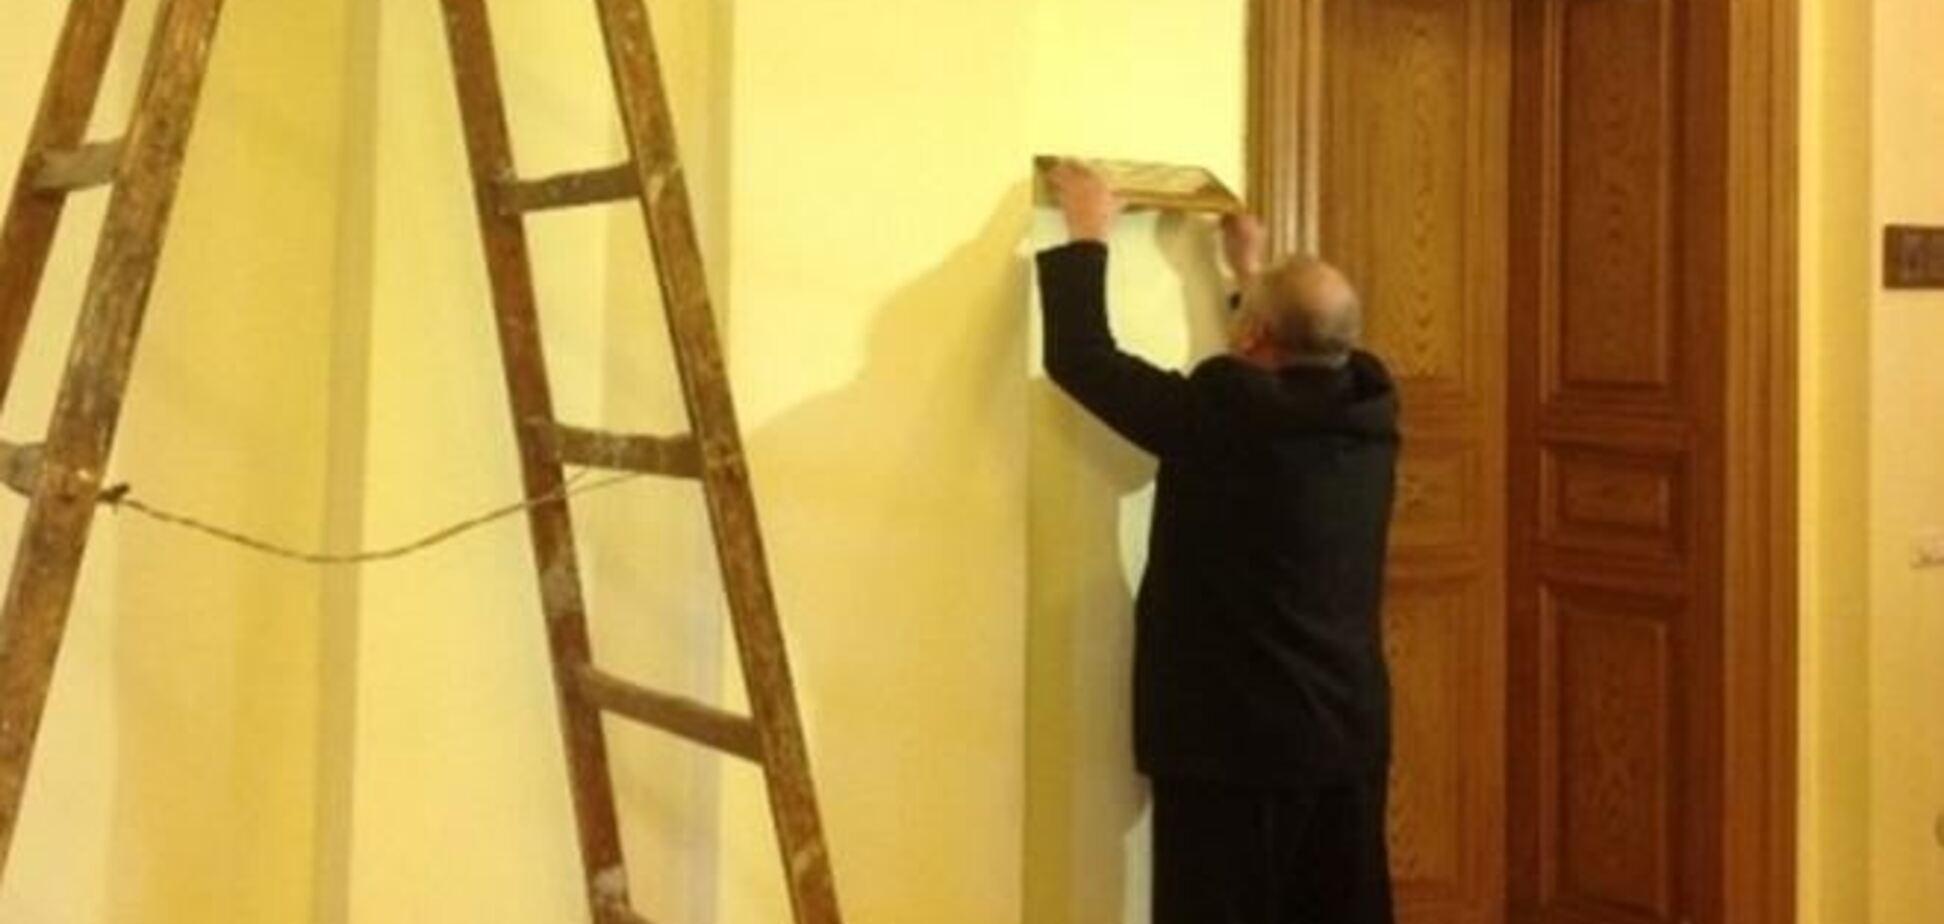 Львівська ОДА повертається до колишнього життя: там фарбують стіни і розвішують таблички